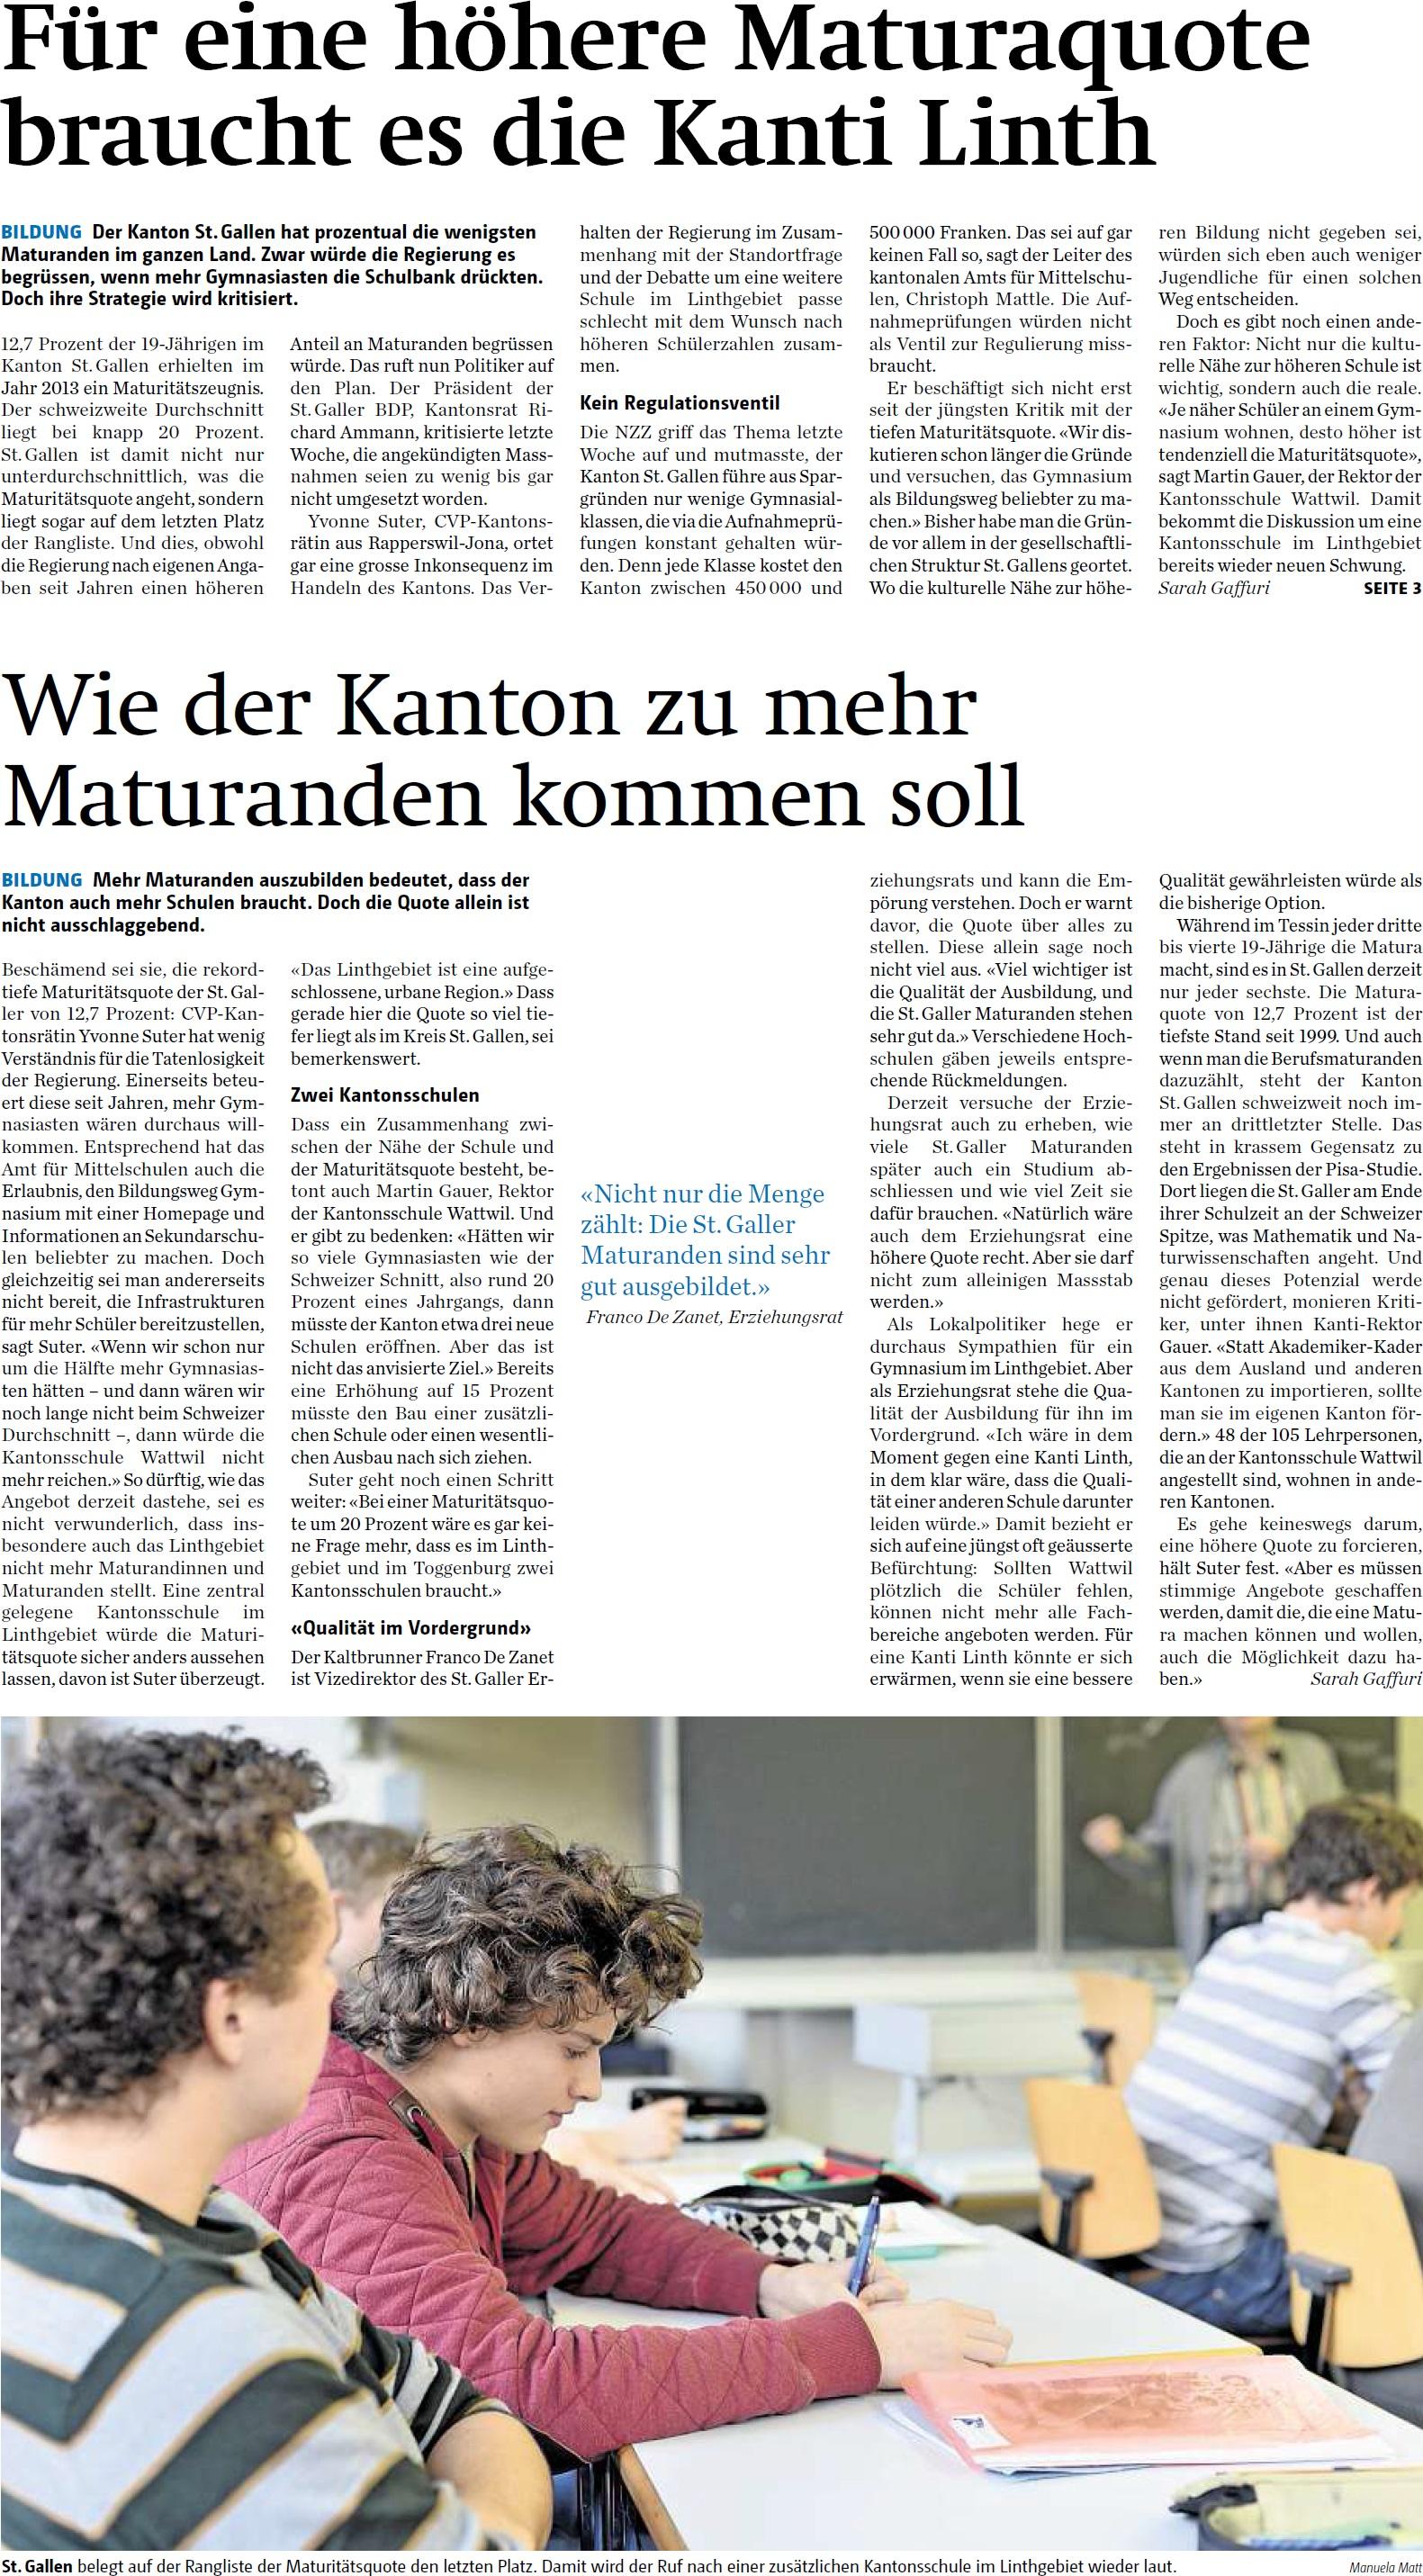 Für eine höhere Maturaquote braucht es die Kanti Linth (Dienstag, 04.11.2014)